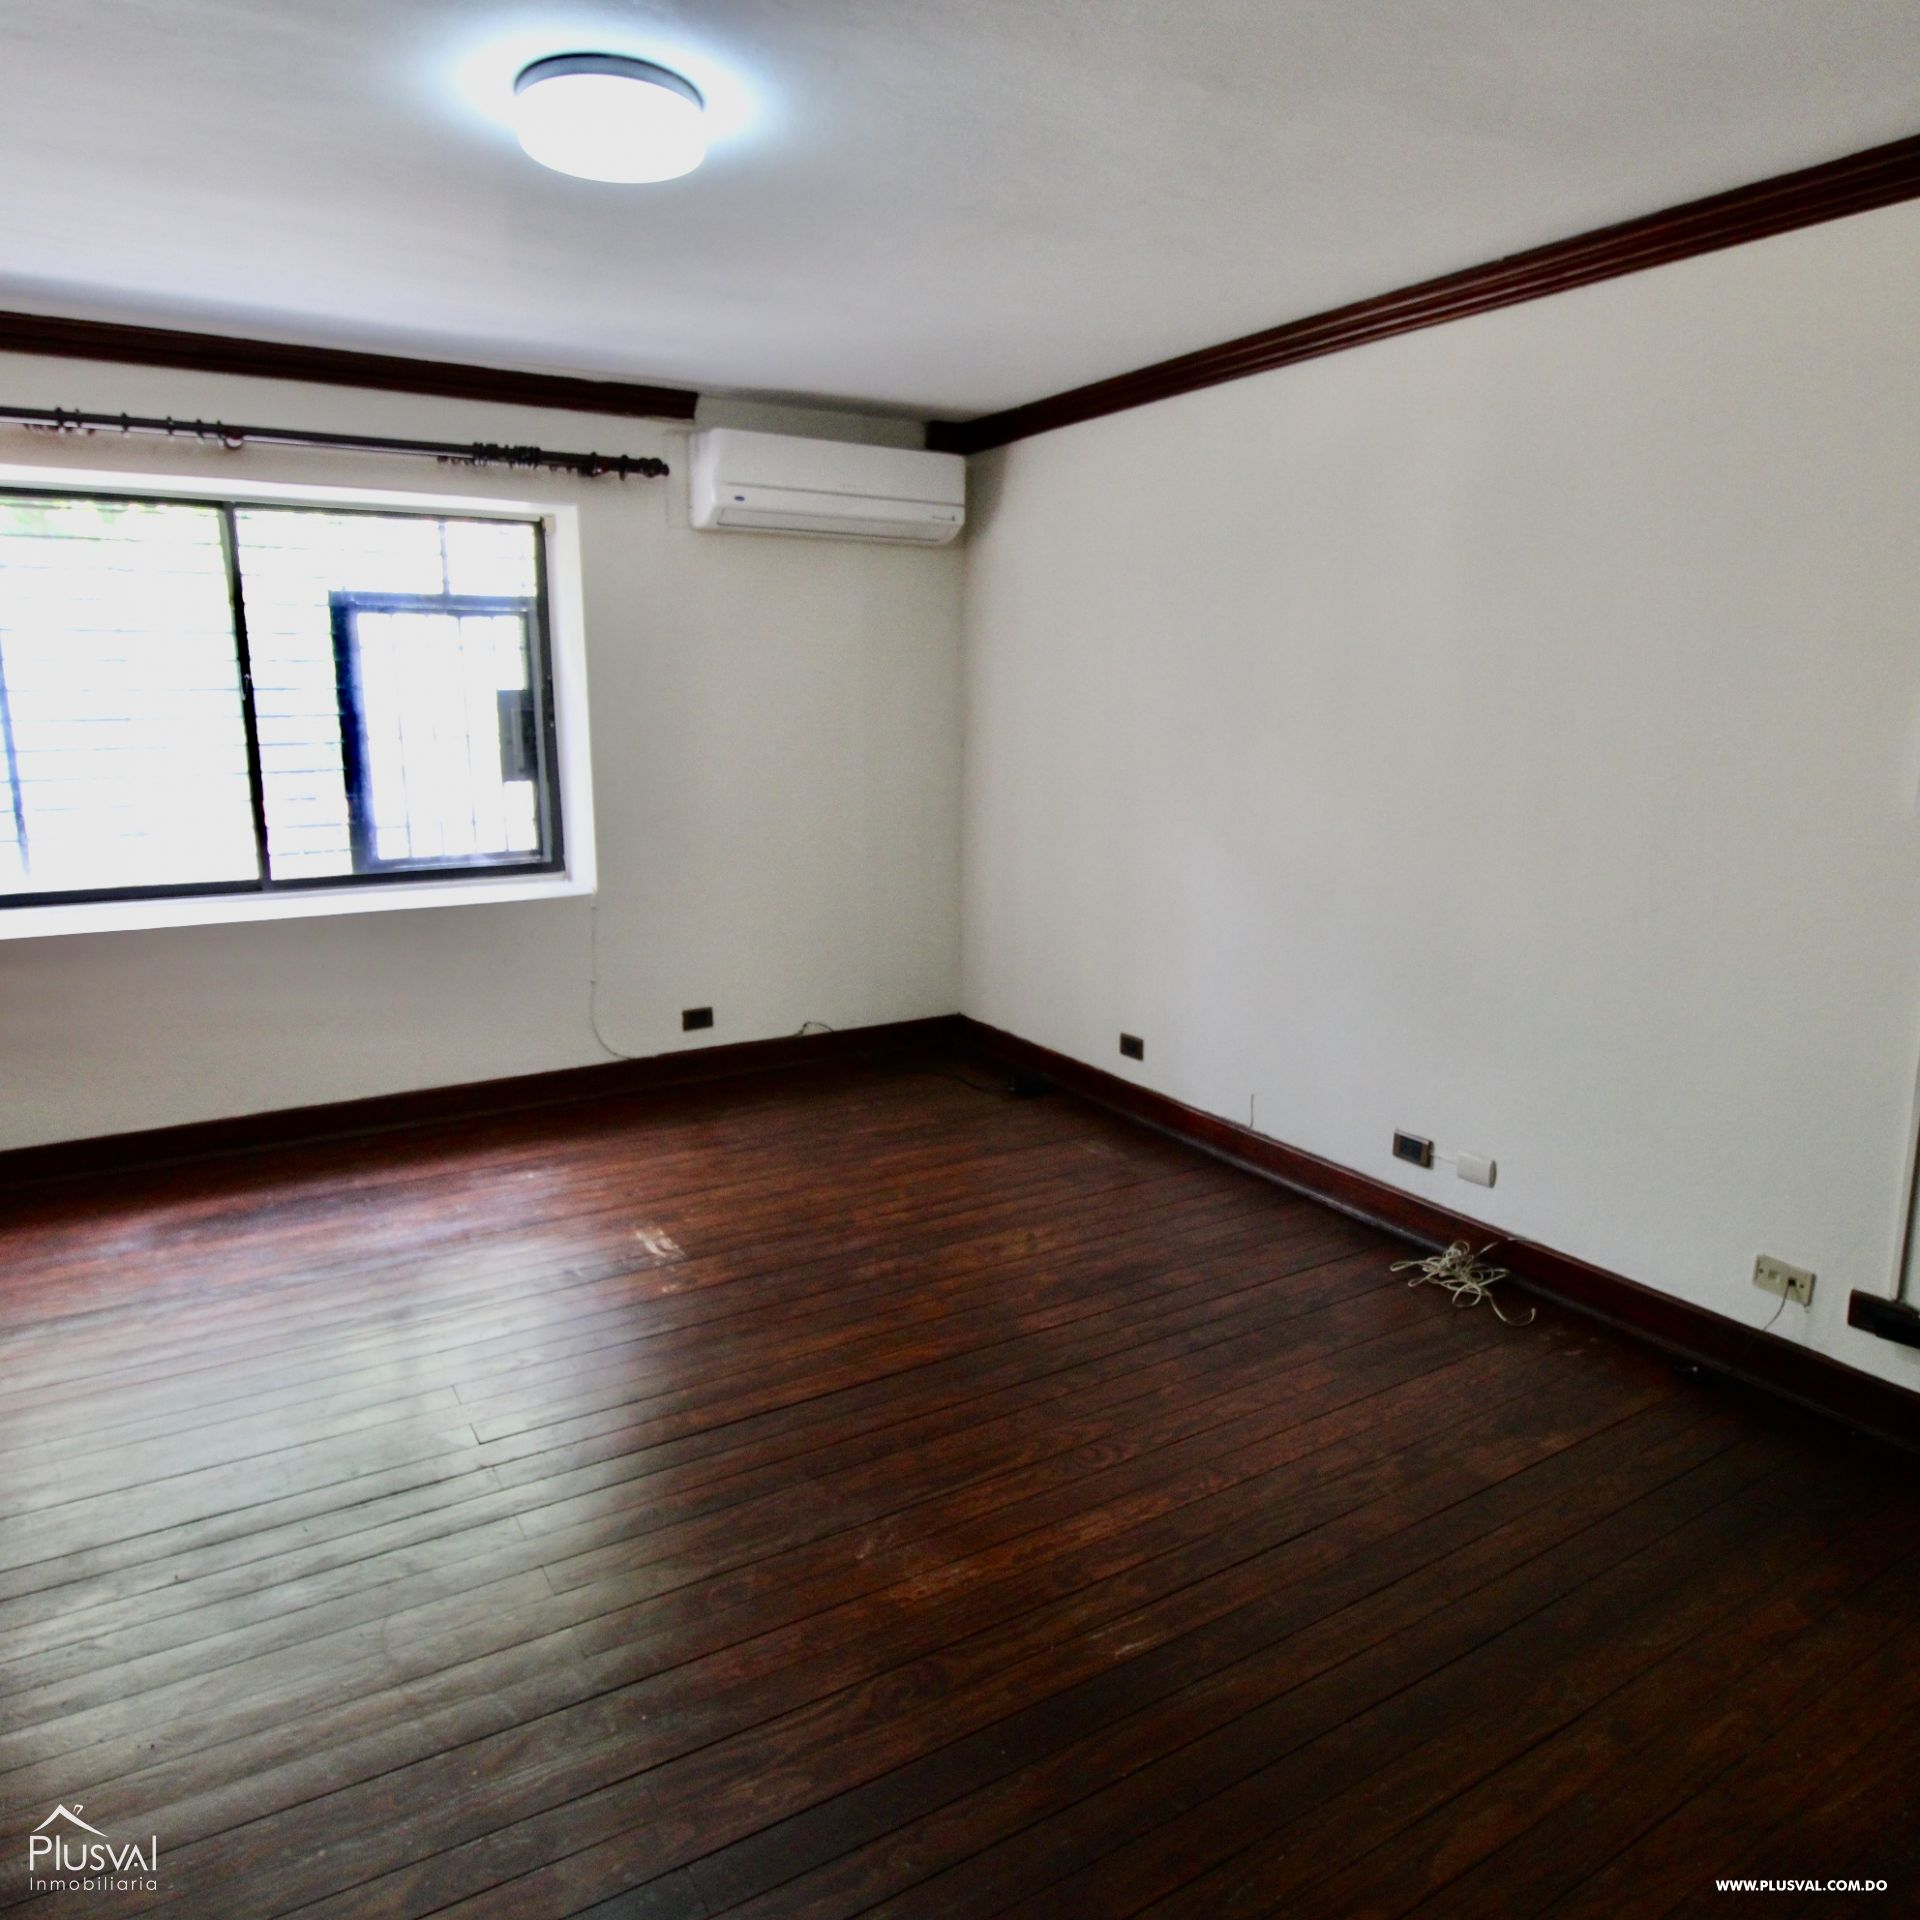 Casa en alquiler, Julieta 148041